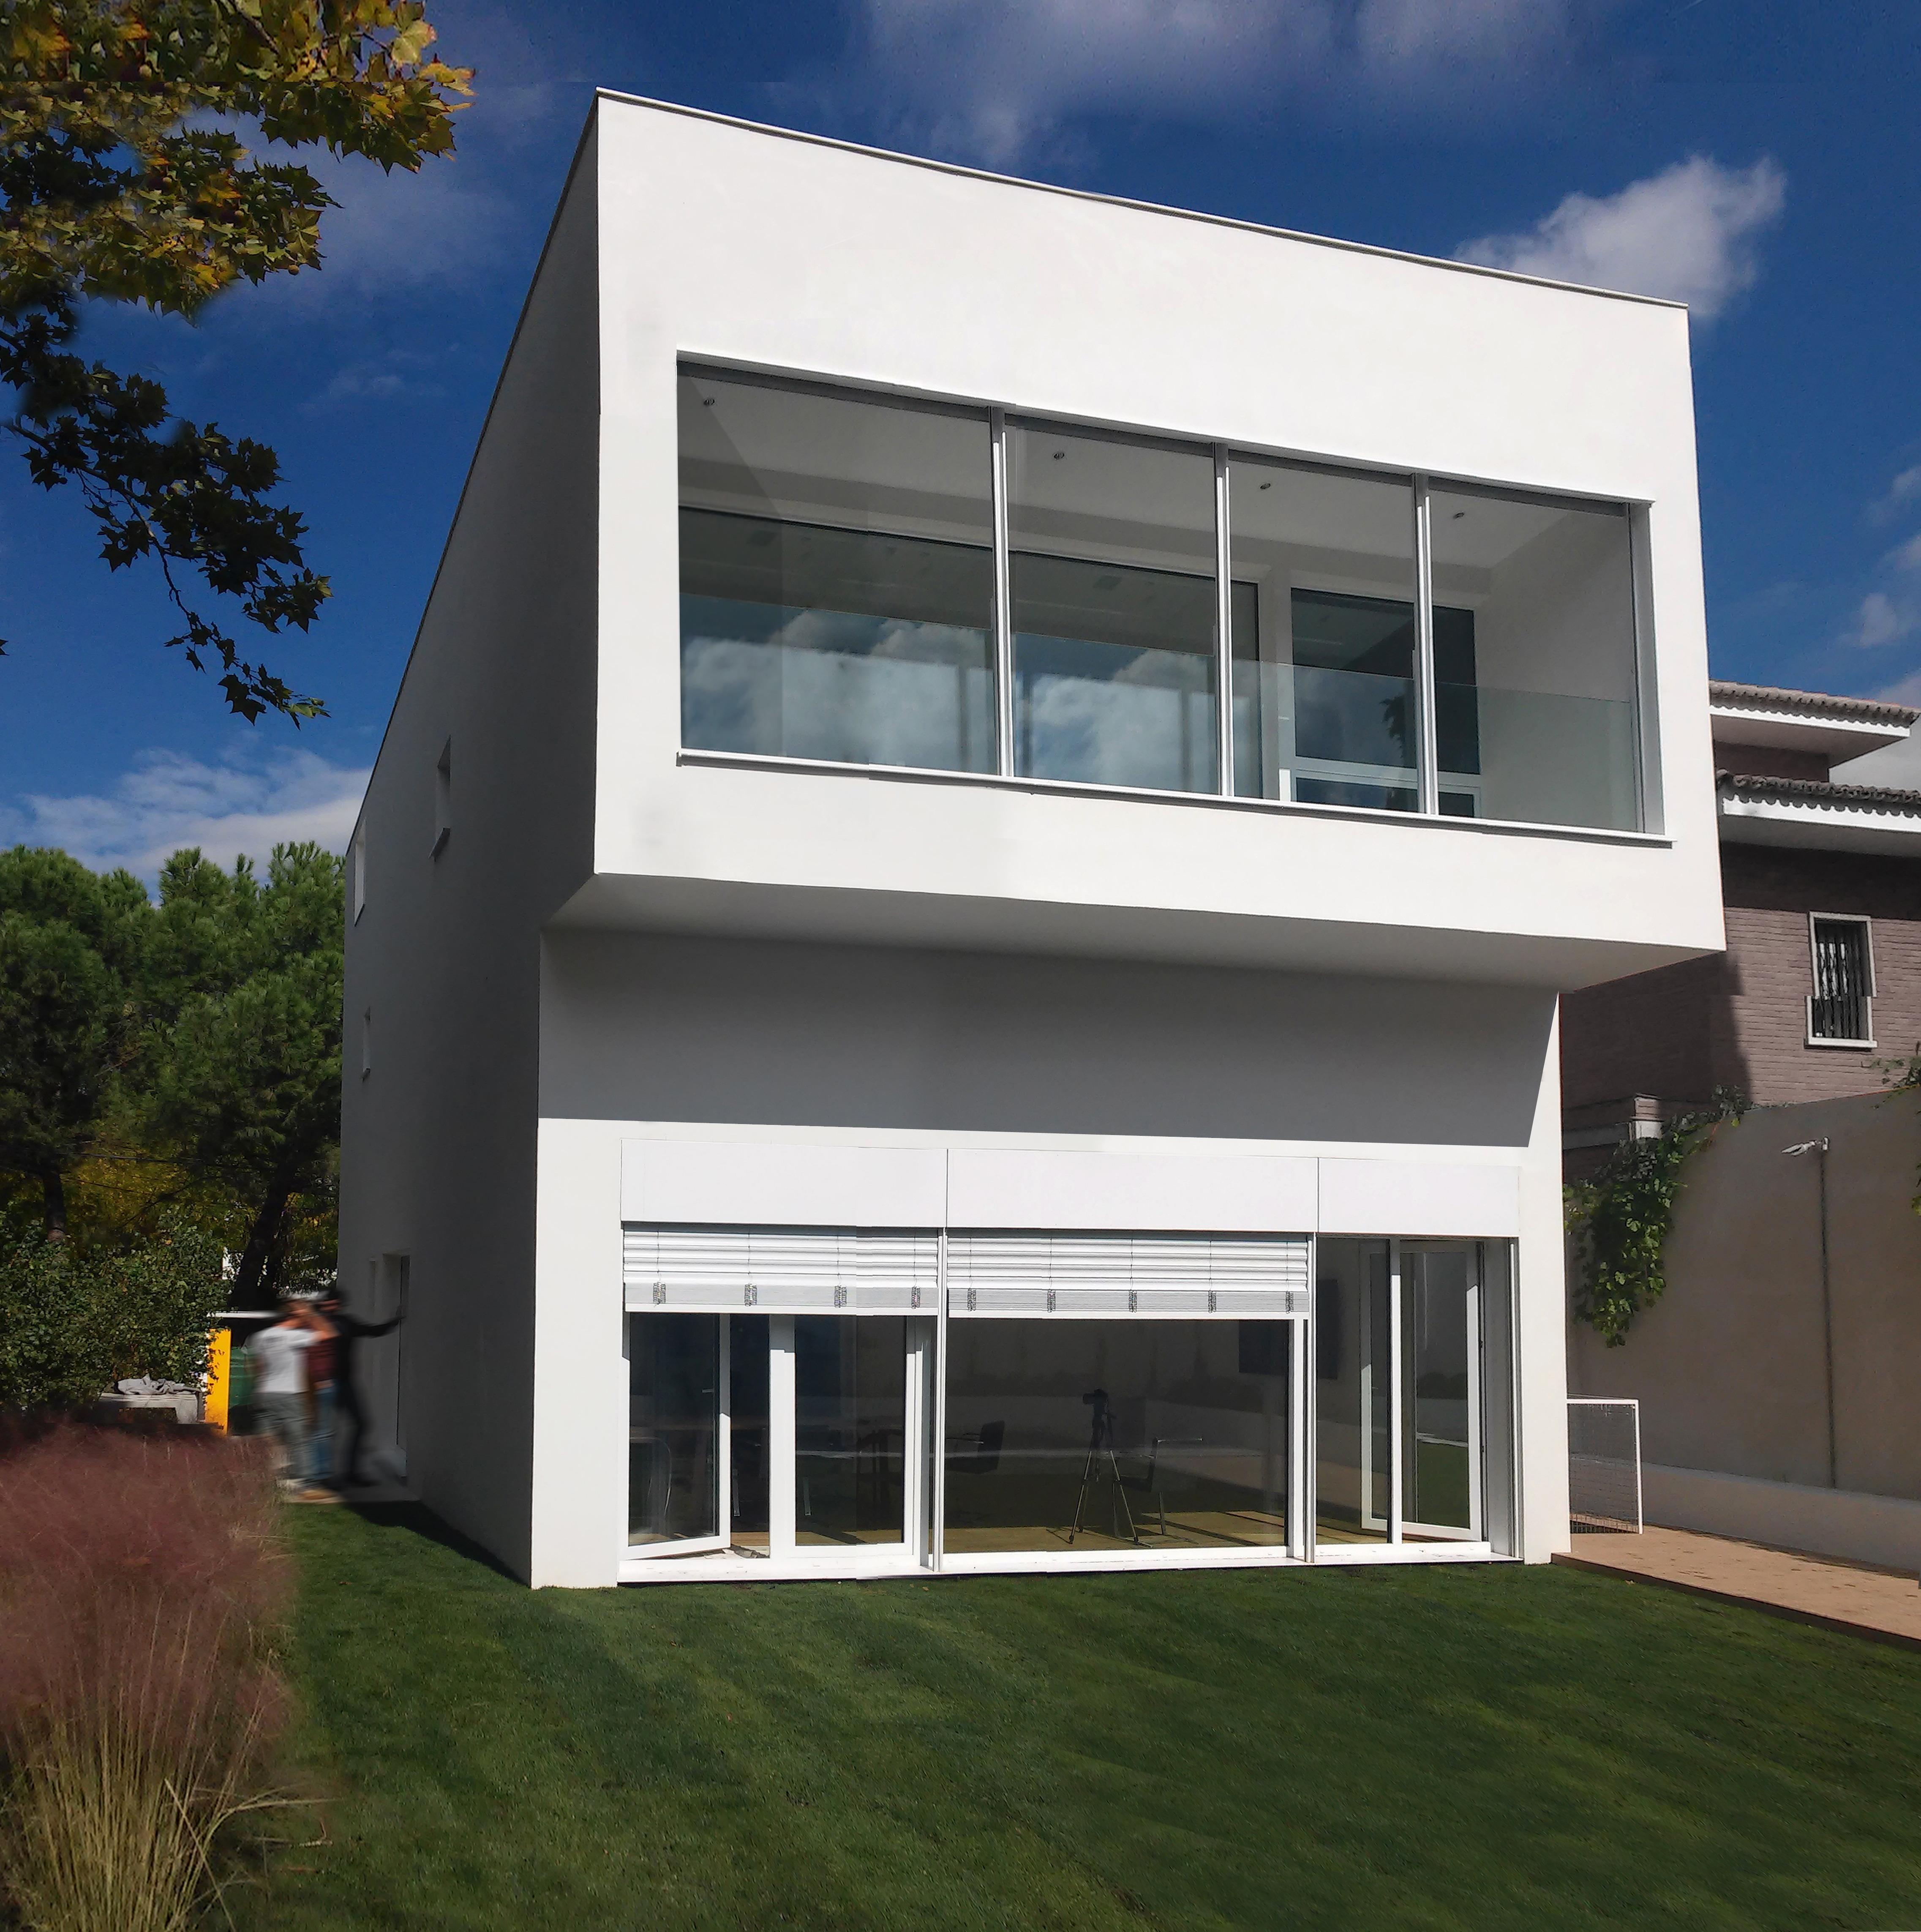 Requisitos para construir una casa en general la nica forma de llegar a construir estos grandes - Requisitos para construir una casa ...